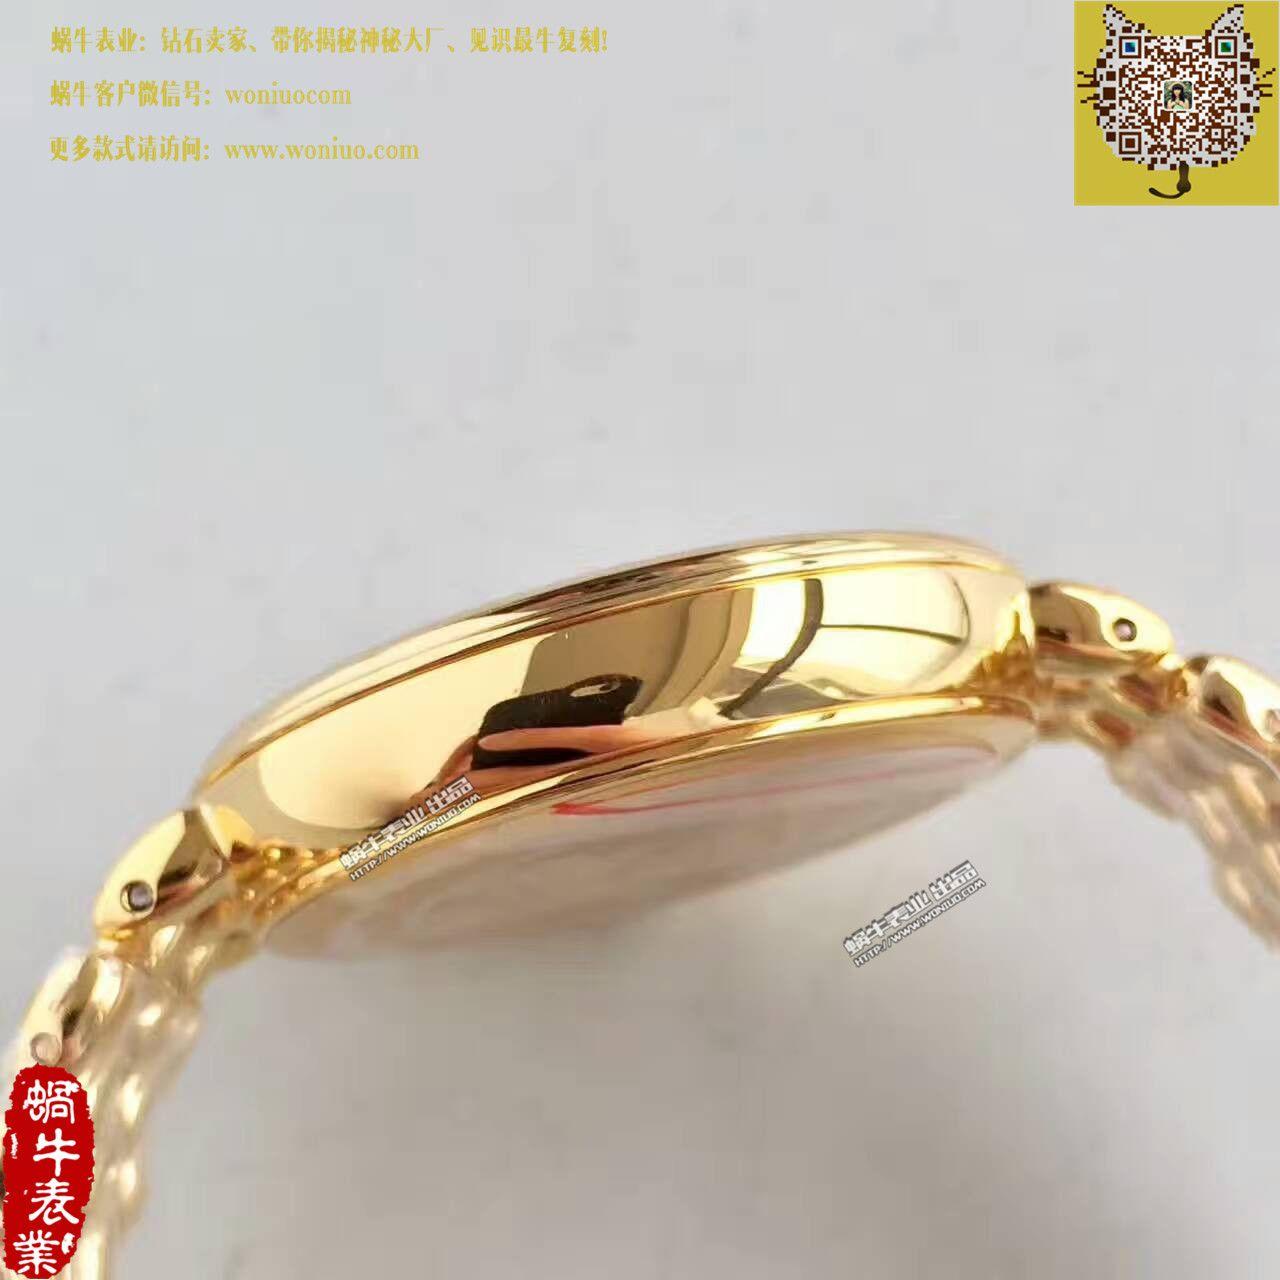 【一比一顶级高仿手表】欧米茄碟飞系列424.55.33.20.55.009女士石英腕表 / M286